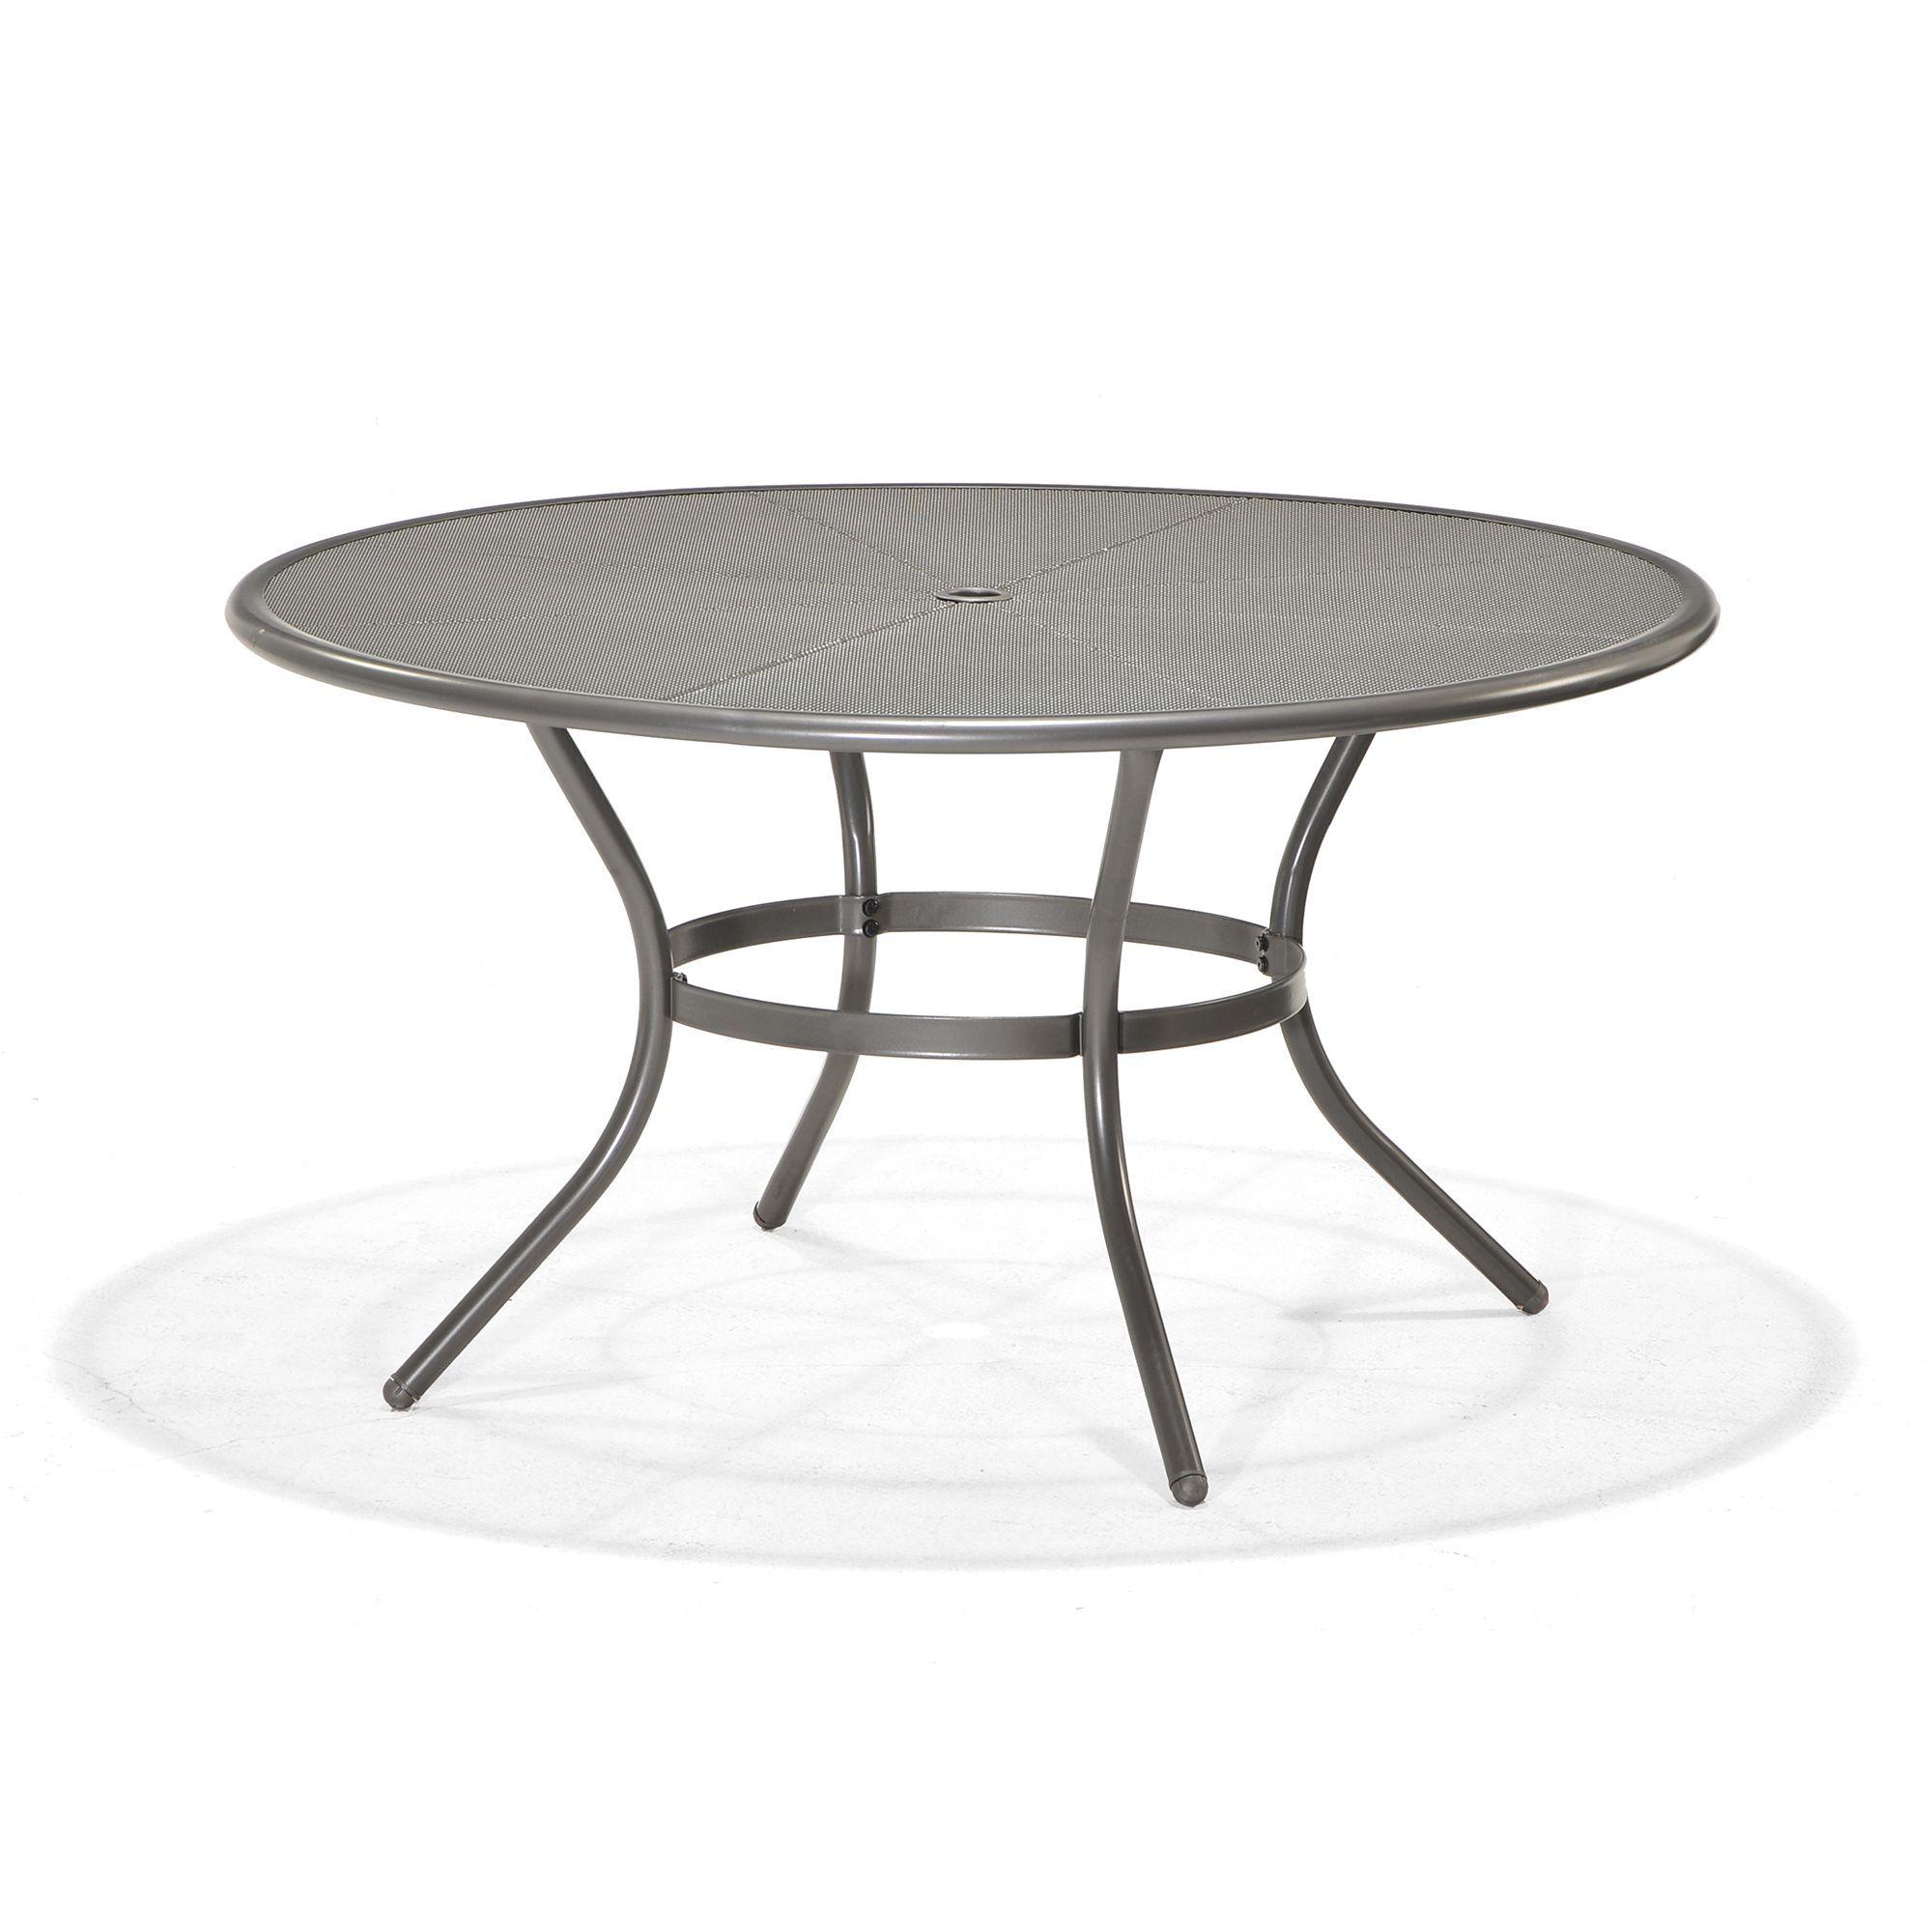 Table Ronde De Jardin En Acier D 140cm Gris Cosmos Mercury Les